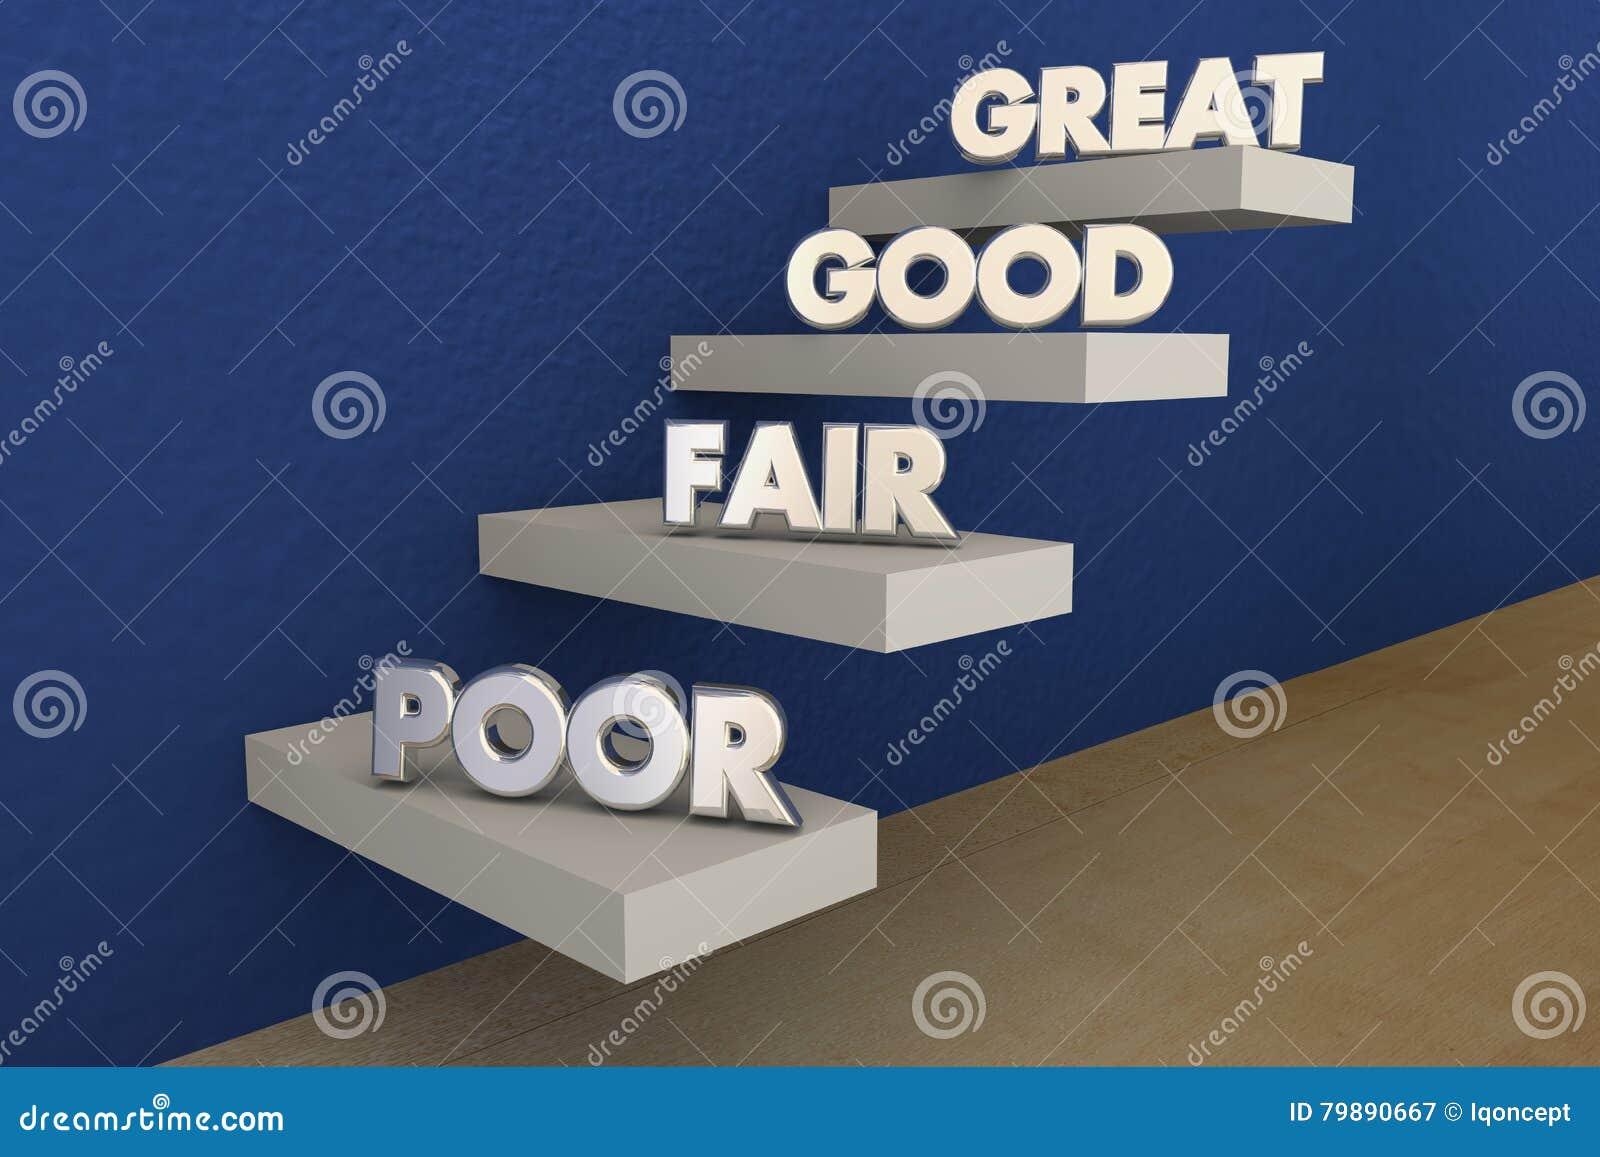 Biedni Uczciwi Dobrzy Wielcy stopnia cenienia kroki